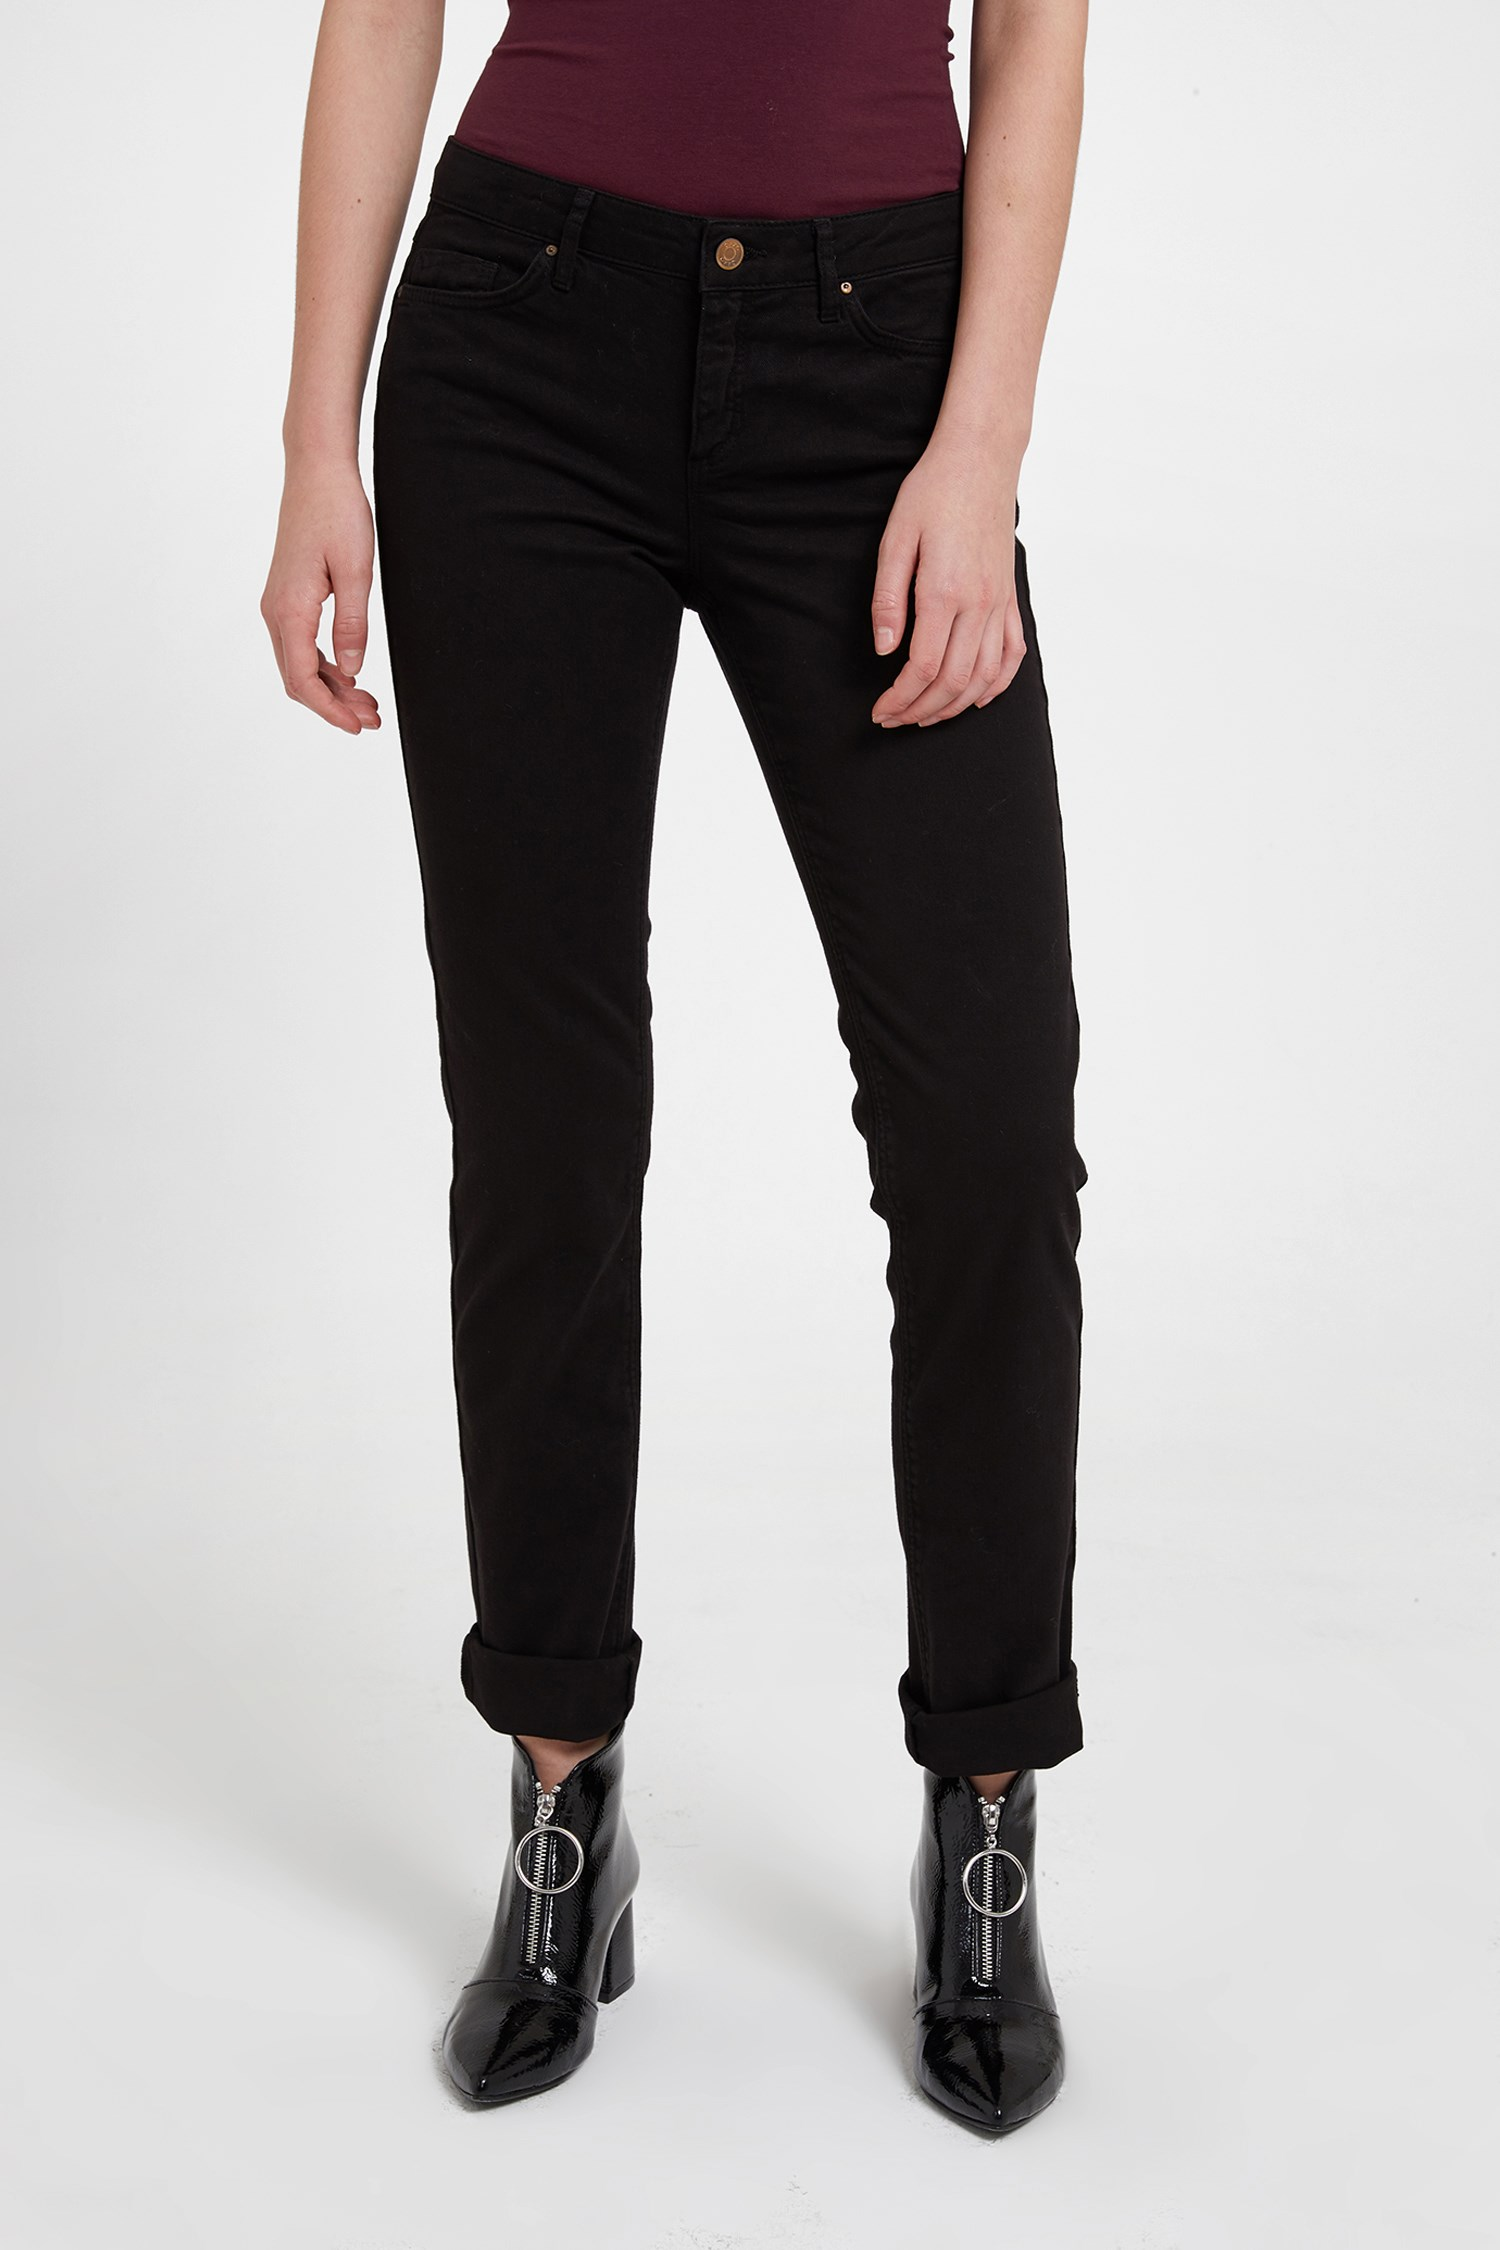 Bayan Siyah Düşük Bel Slim Paça Pantolon